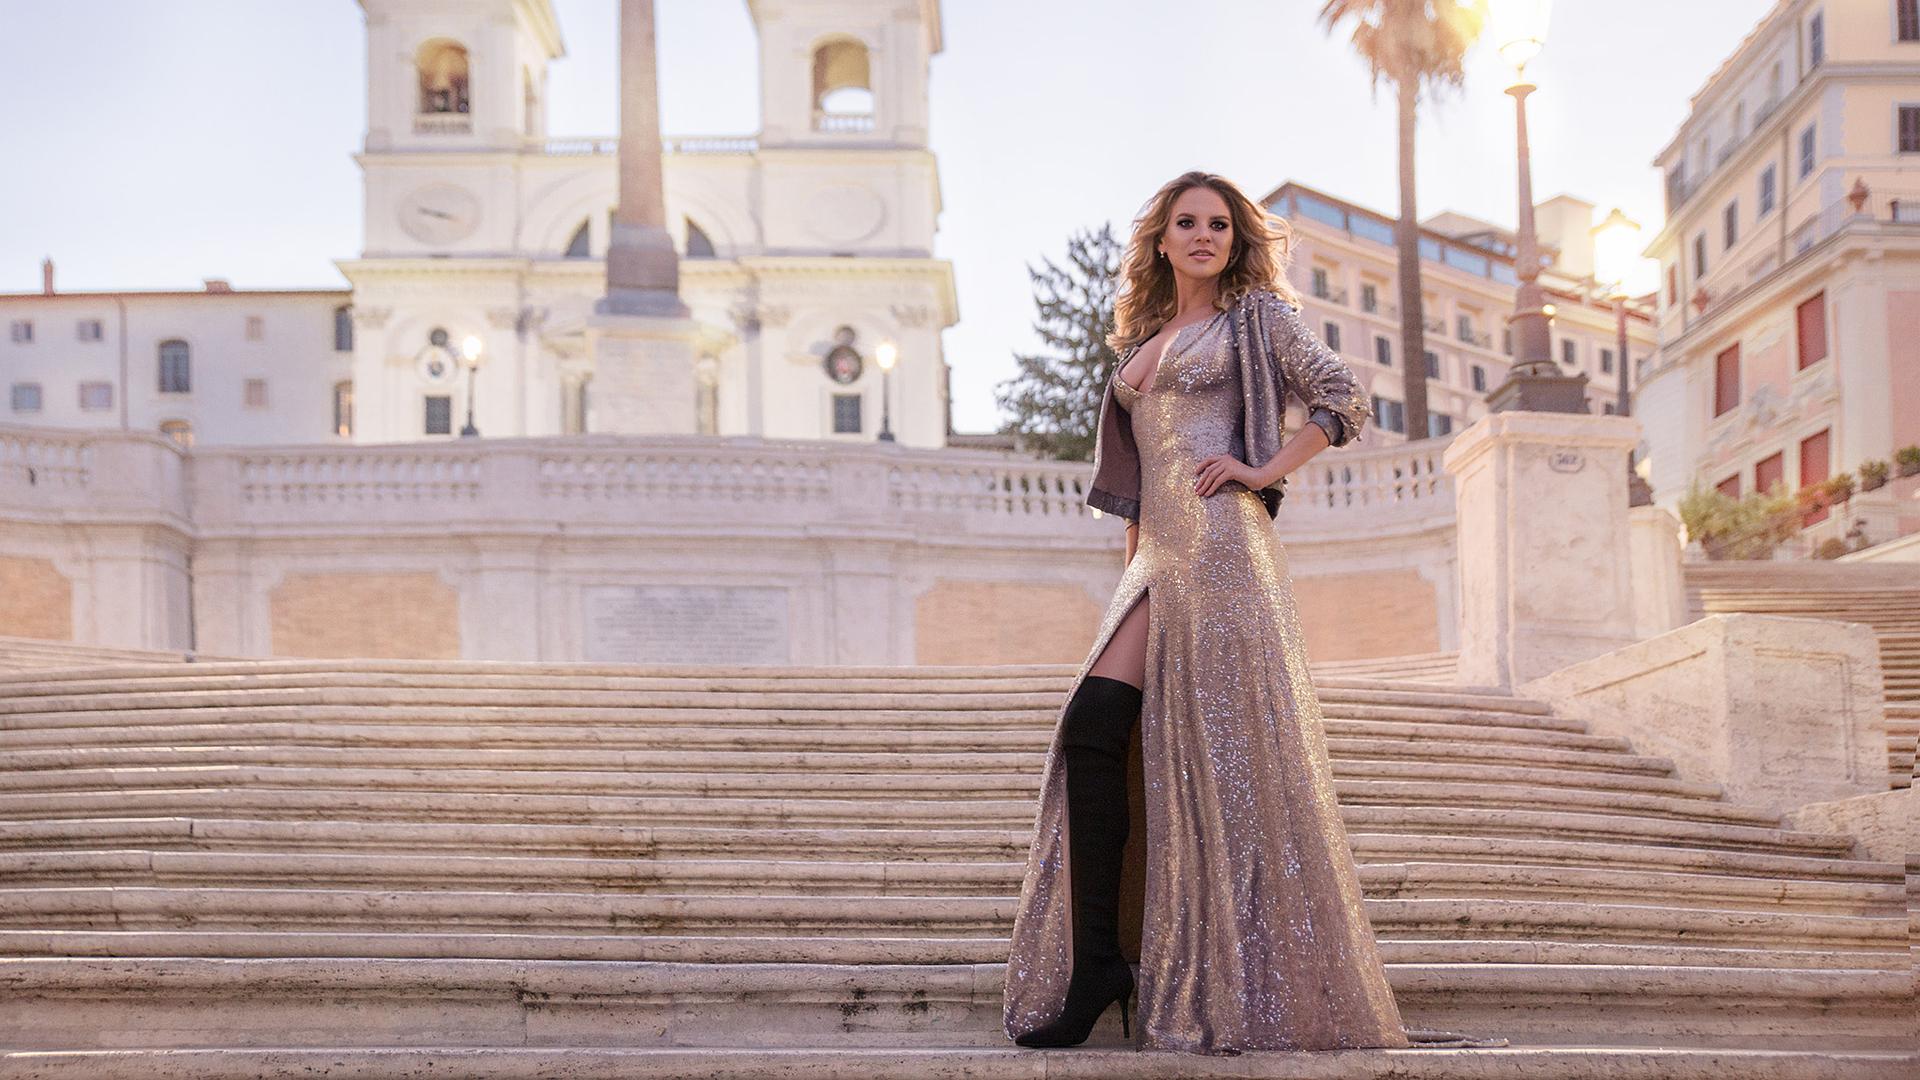 Sesja zdjęciowa w Rzymie we Włoszech na Schodach Hiszpańskich.